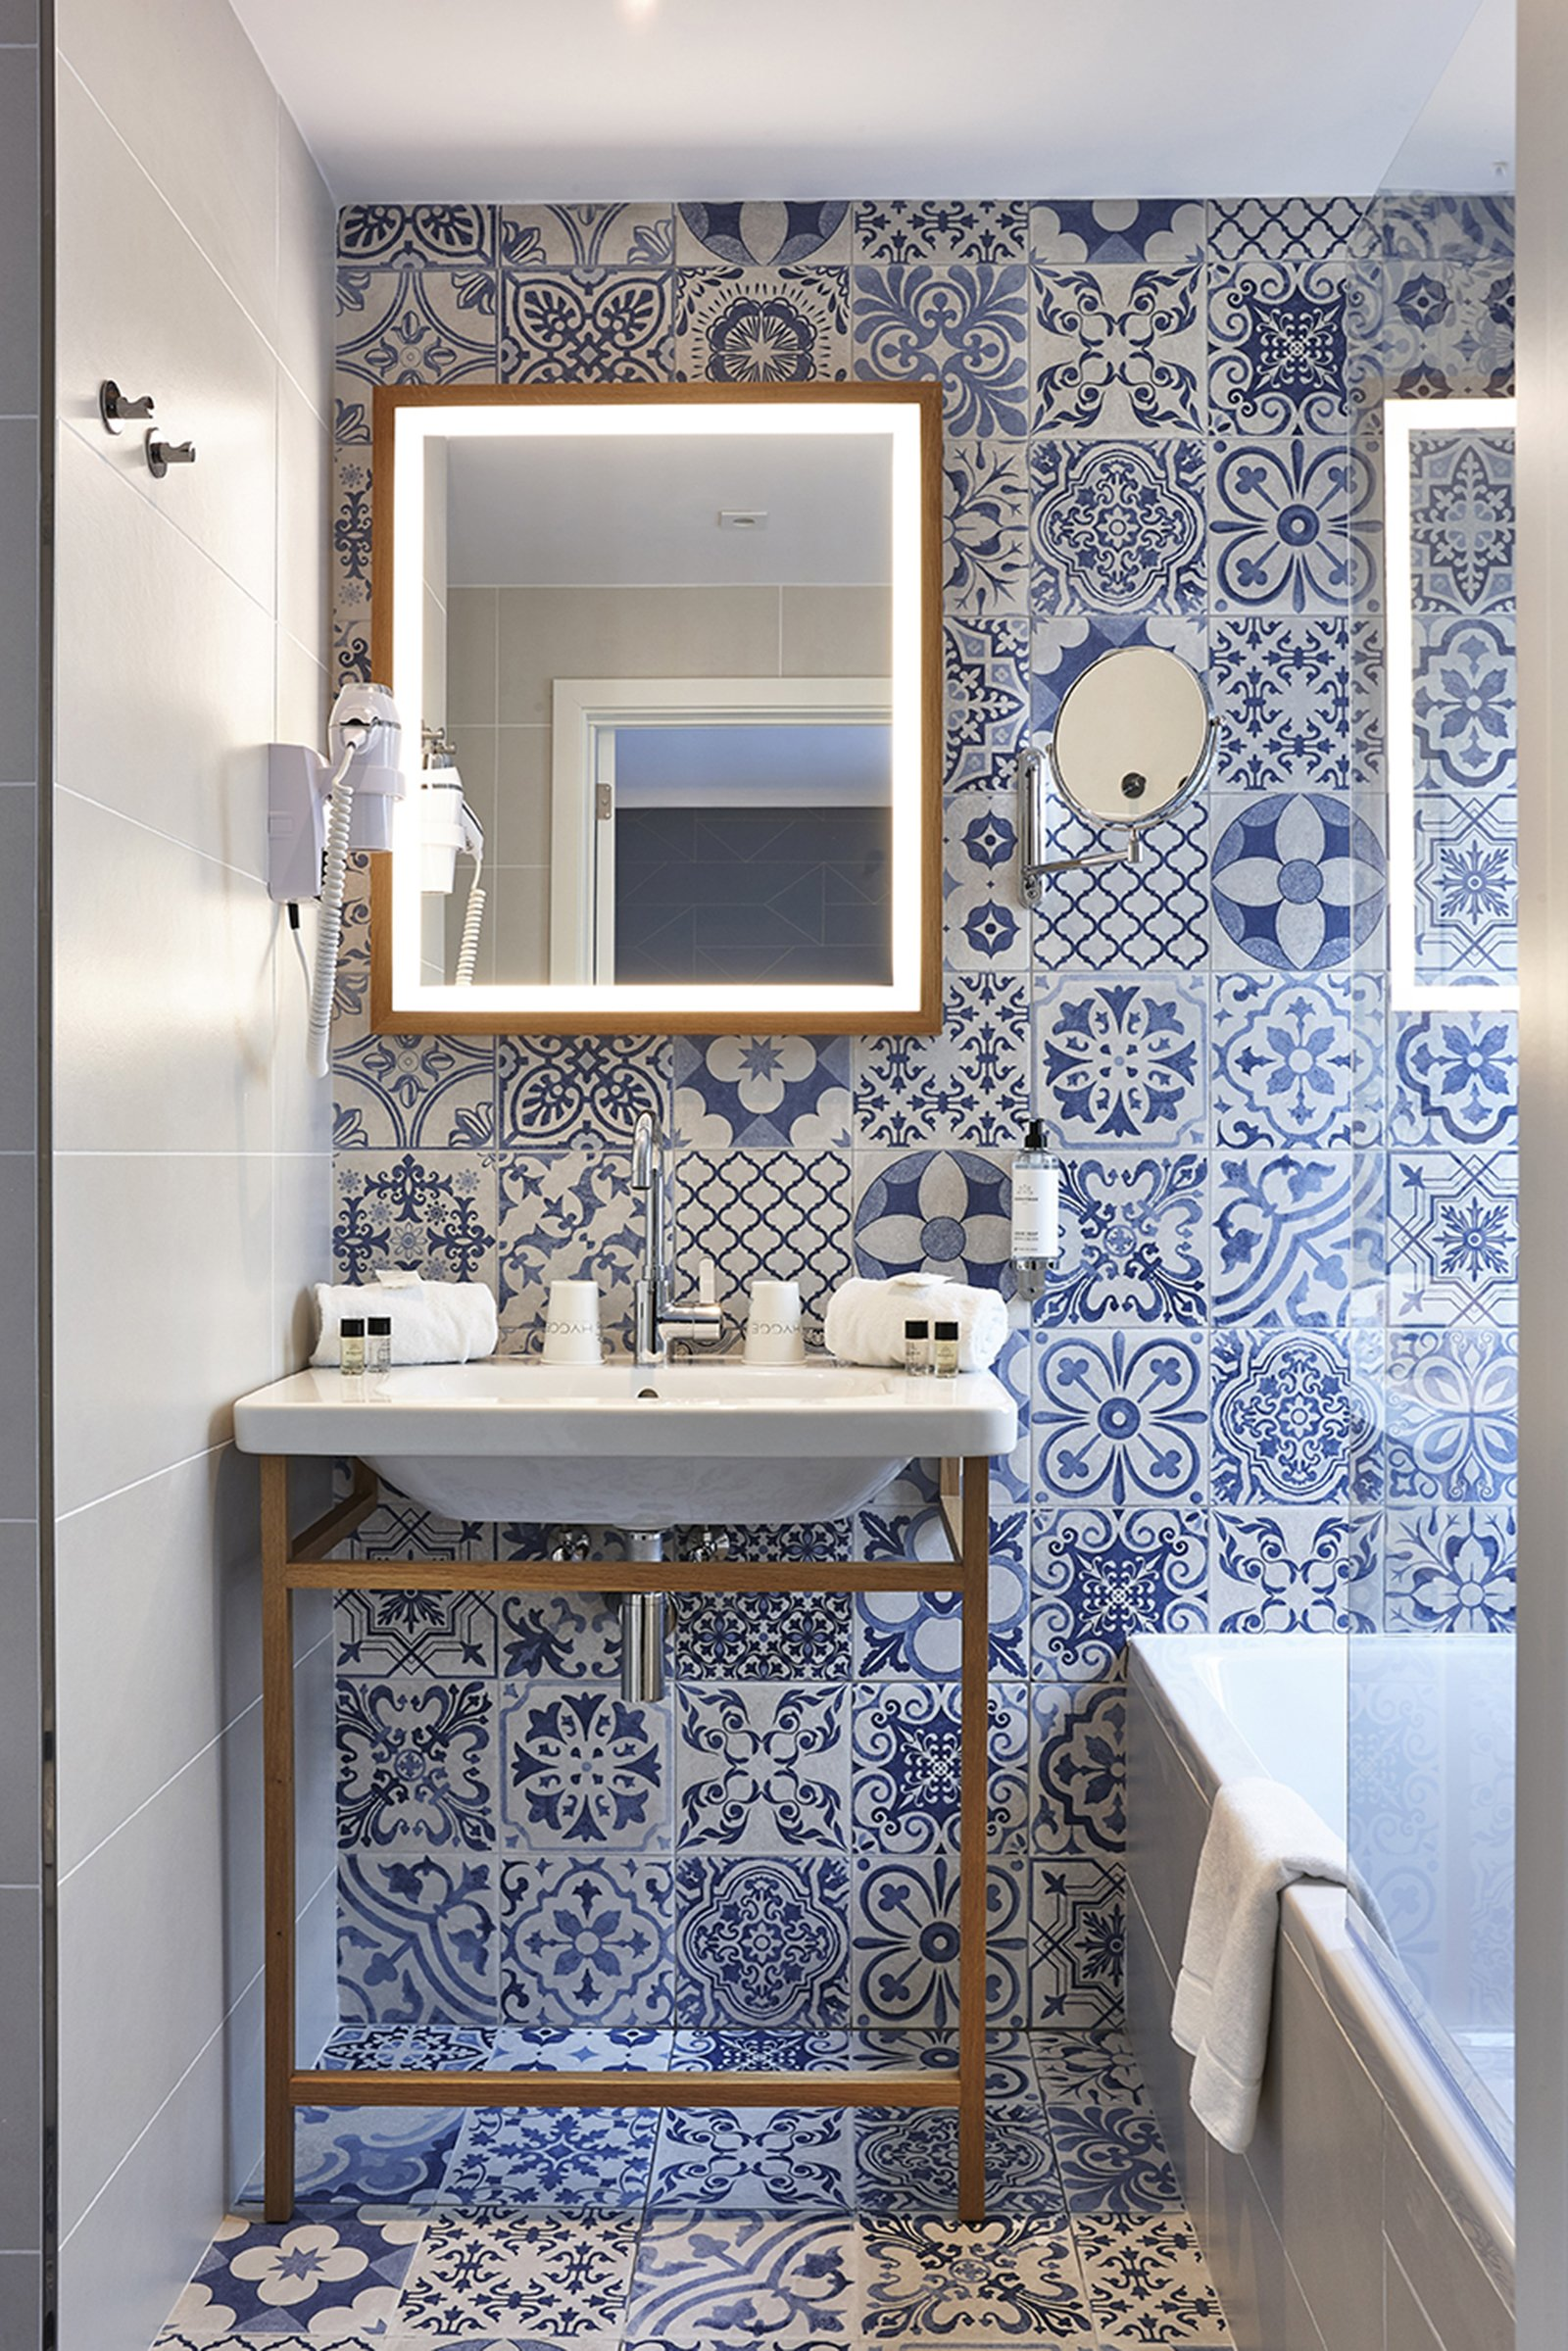 hygge hotel brussels belgium bathroom